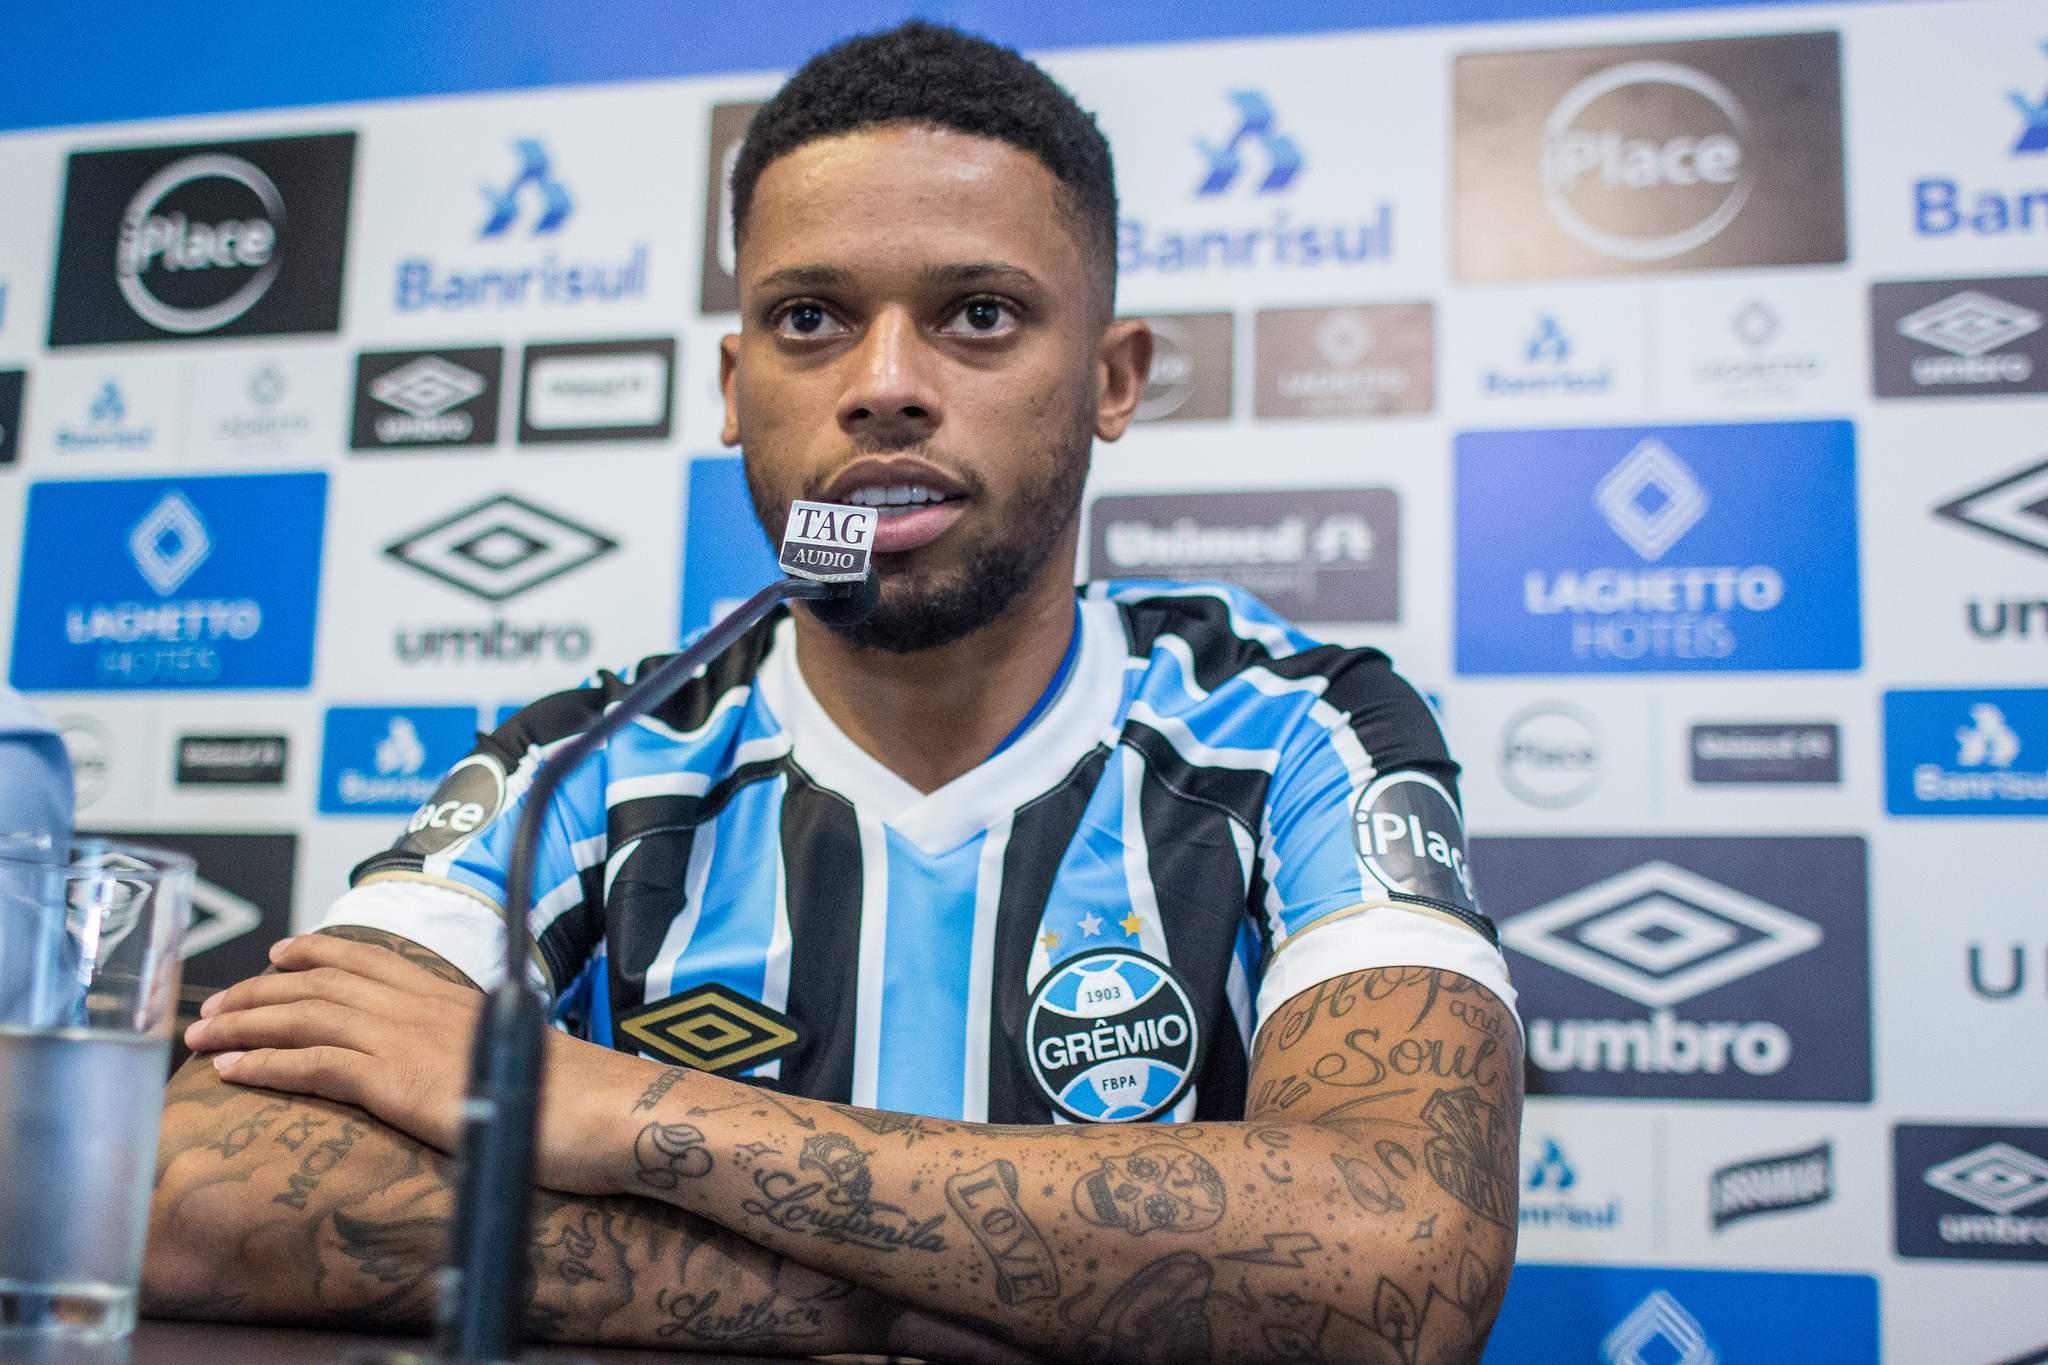 André admite sonho com artilharia e revela admiração de Neymar por Renato  Gaúcho 18769bf386976